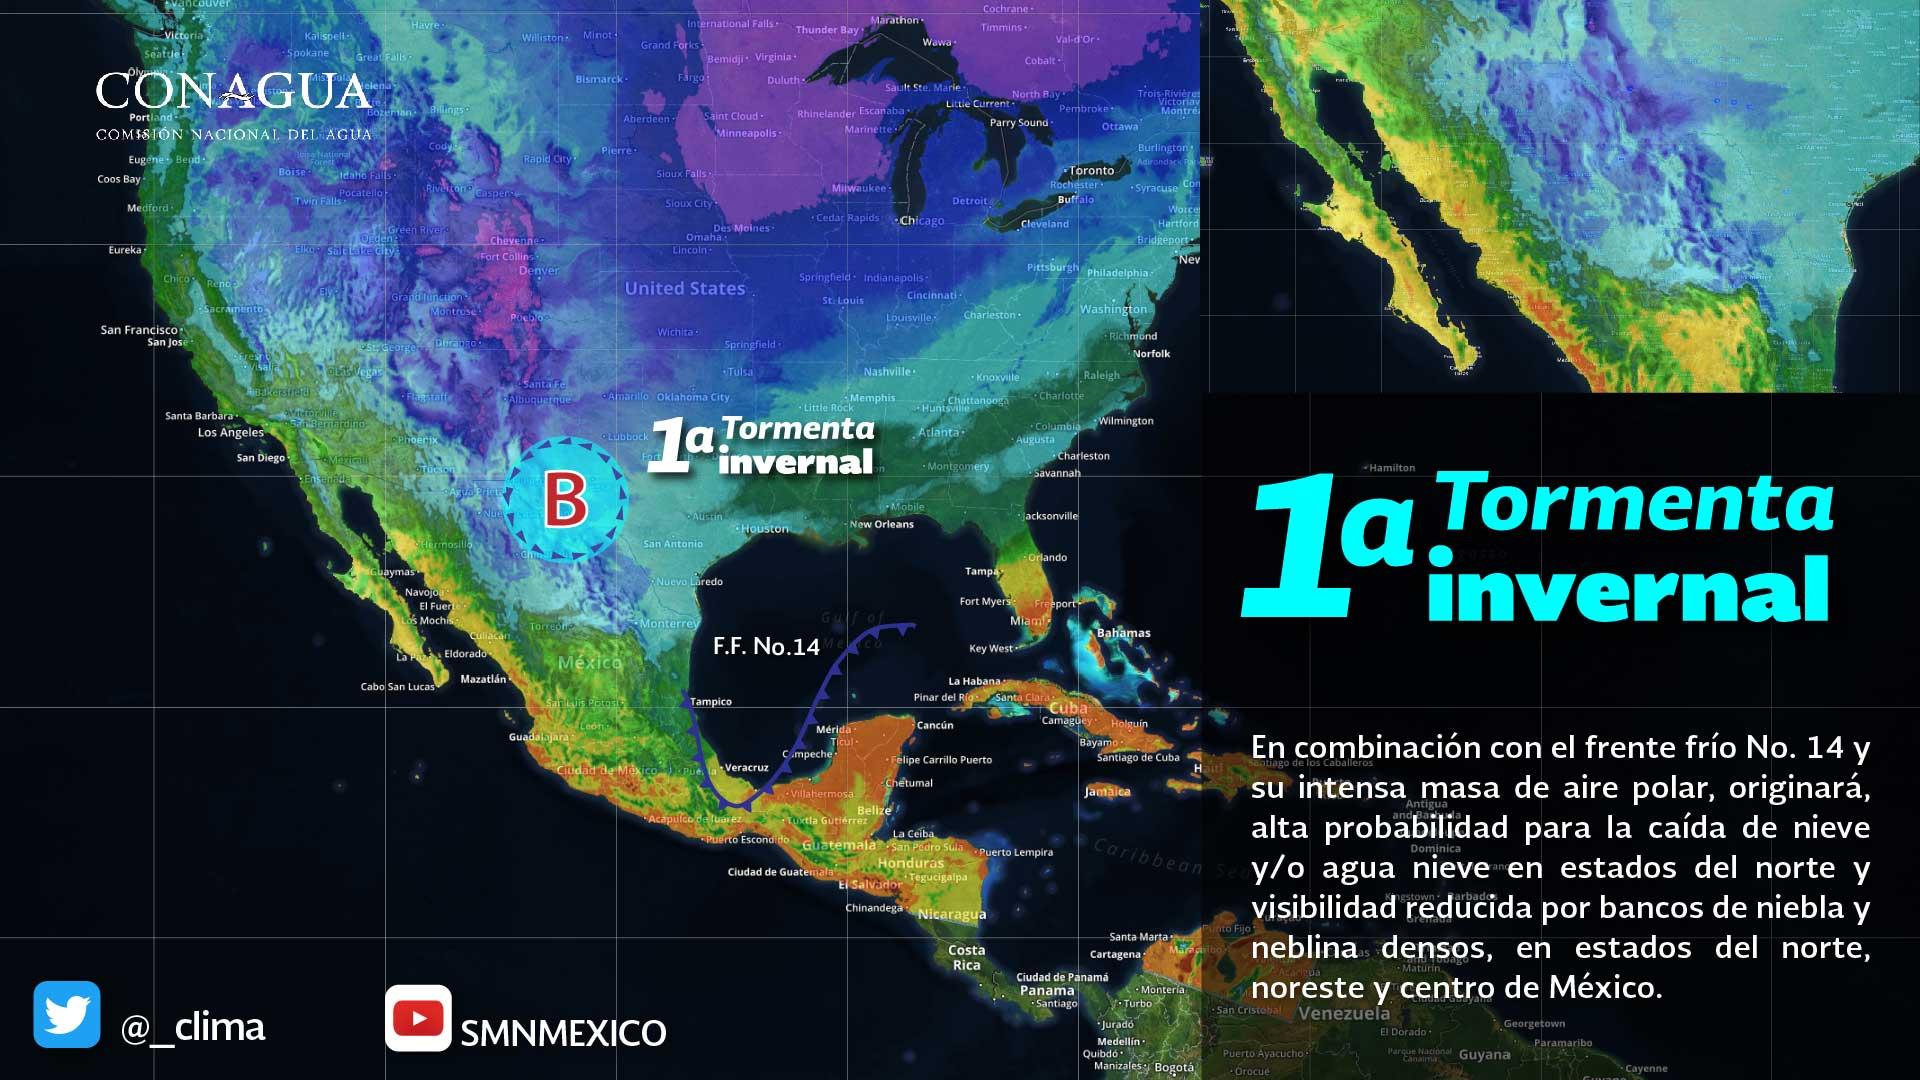 Se estiman temperaturas menores a -5.0 grados Celsius para zonas altas de Tlaxcala